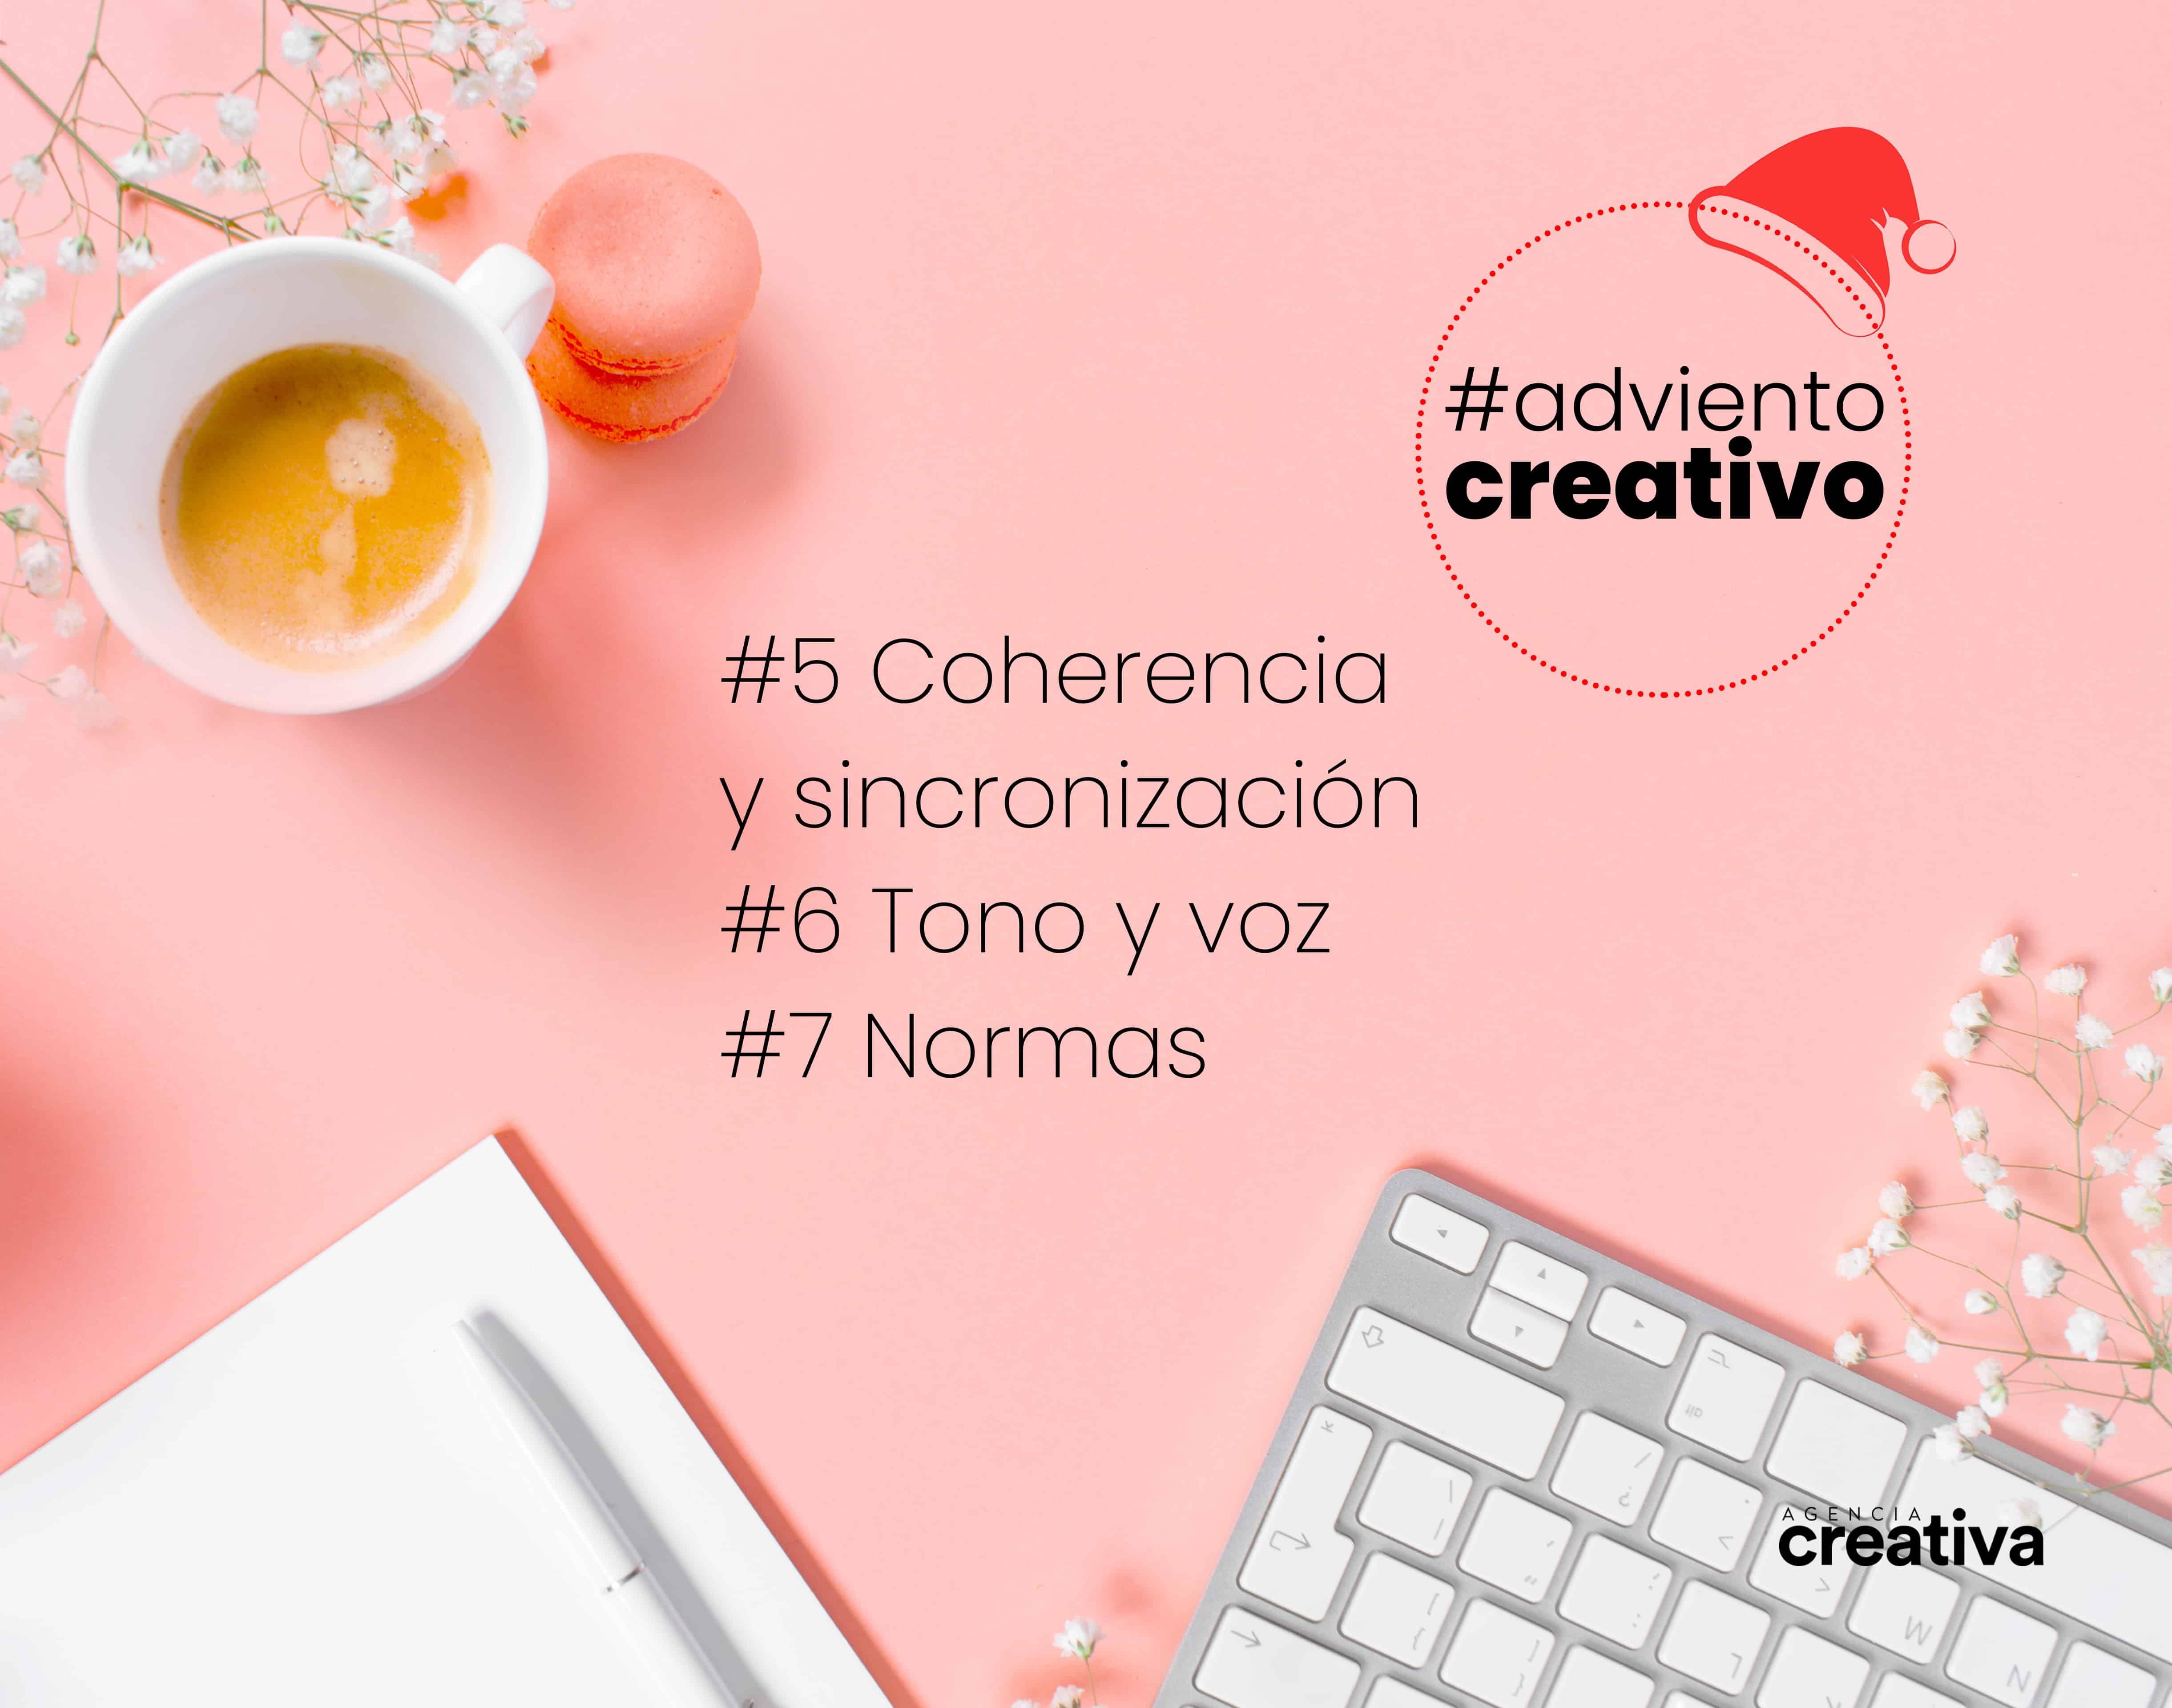 Adviento Creativo 2019: 24 tips de comunicación 3